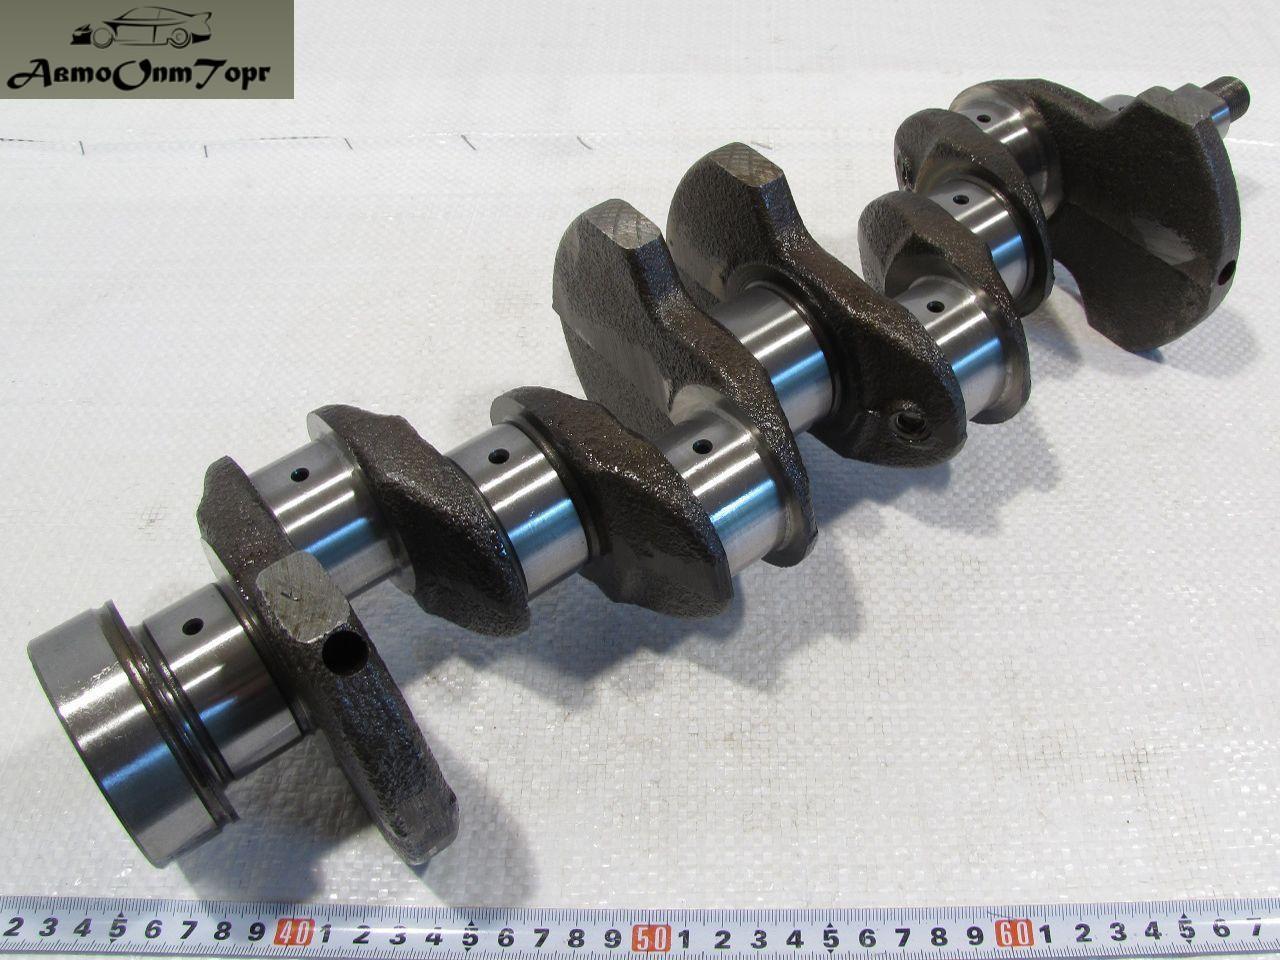 Коленвал (вал коленчатый) ВАЗ 2101, 2102 ,2103 ,2104 ,2105 ,2106 ,2107 с двигателем 21011 / 1.1, 2101-1005015